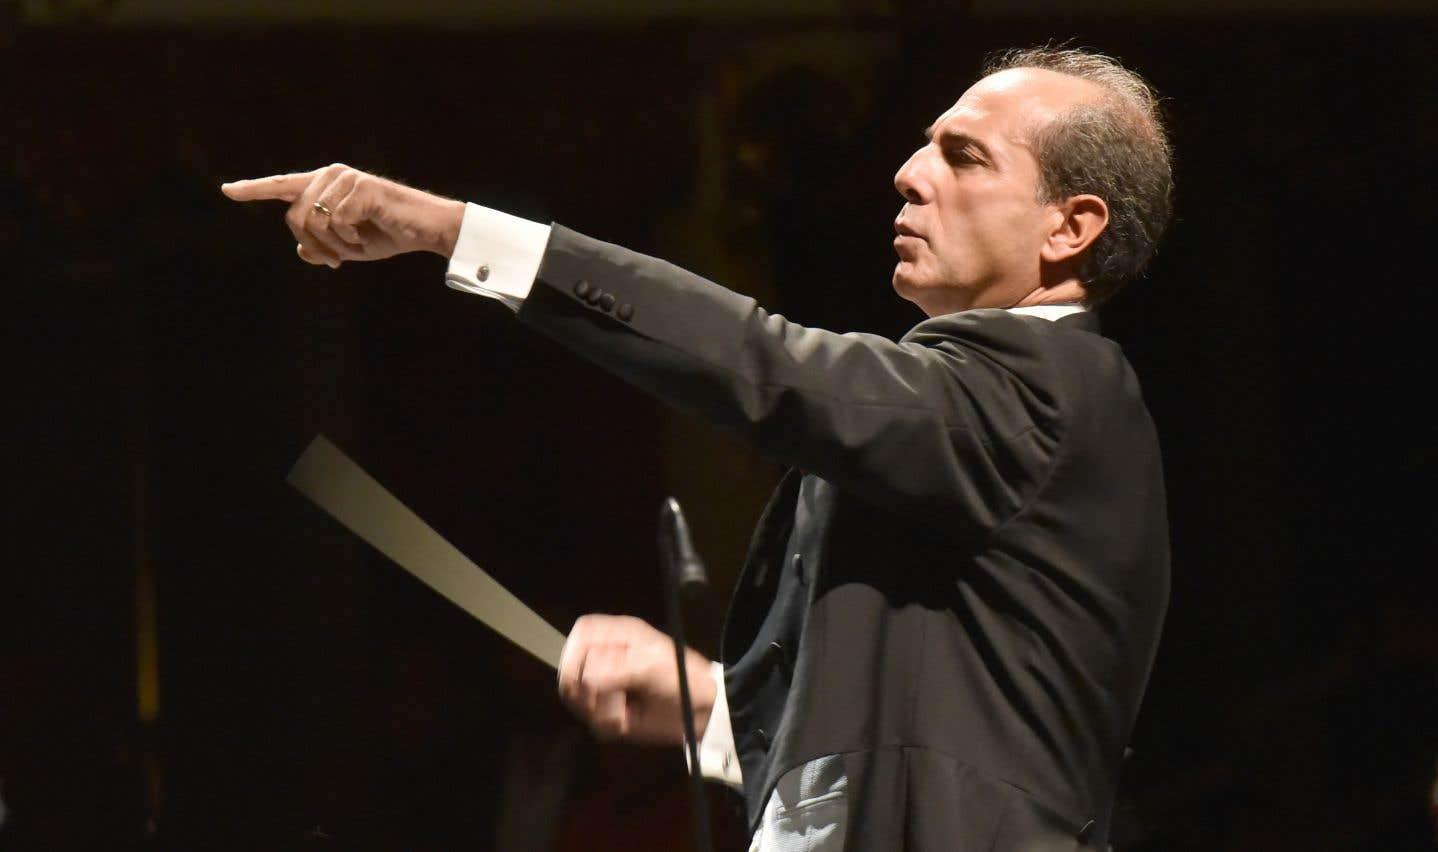 Même s'il est peu connu, le chef d'orchestre Daniele Callegari méritait l'invitation du Métropolitain.